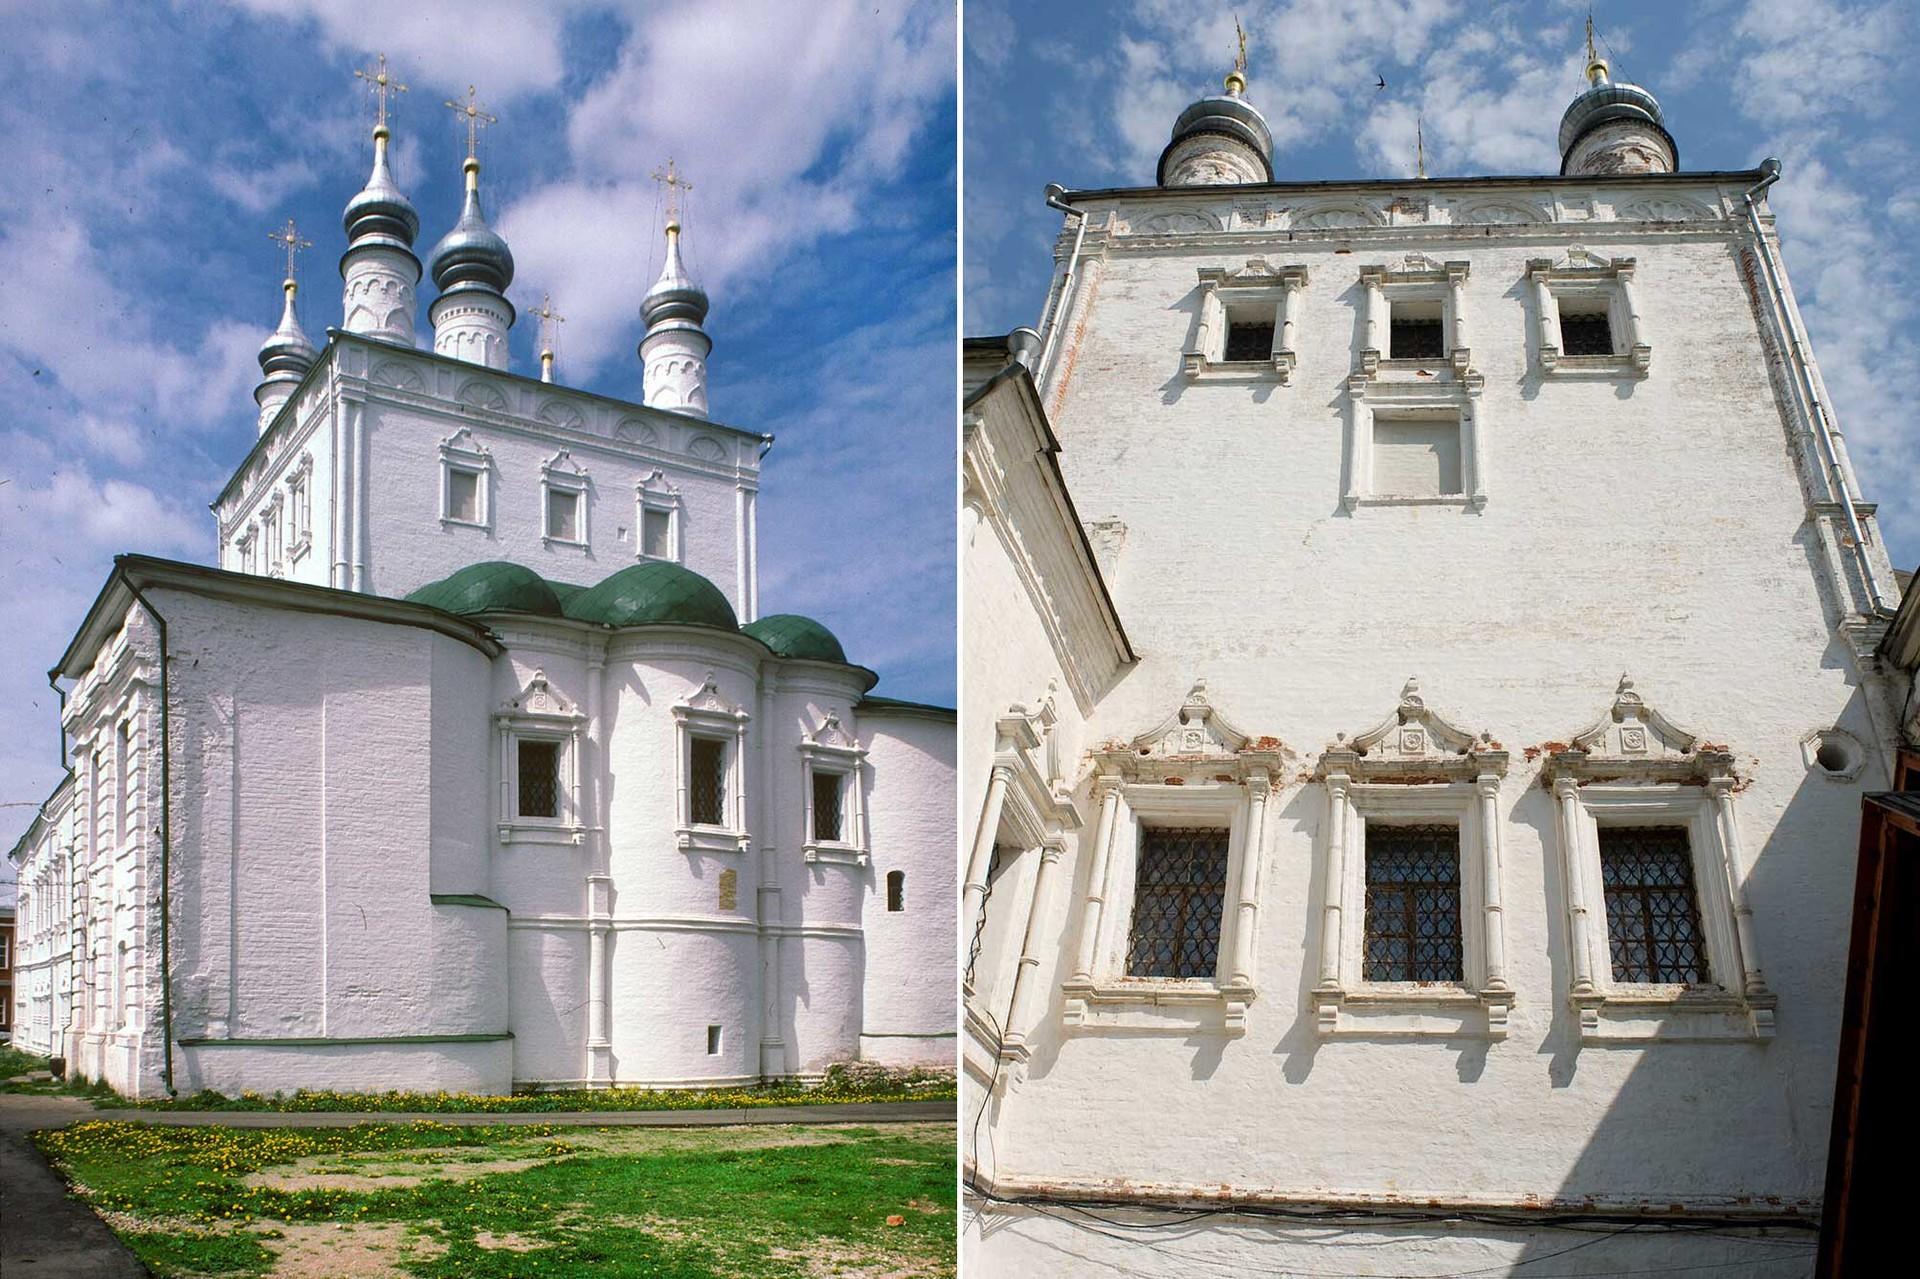 A la izquierda: iglesia de Todos los Santos, vista este, 1995. A la derecha: iglesia de Todos los Santos, fachada sur, 2012.